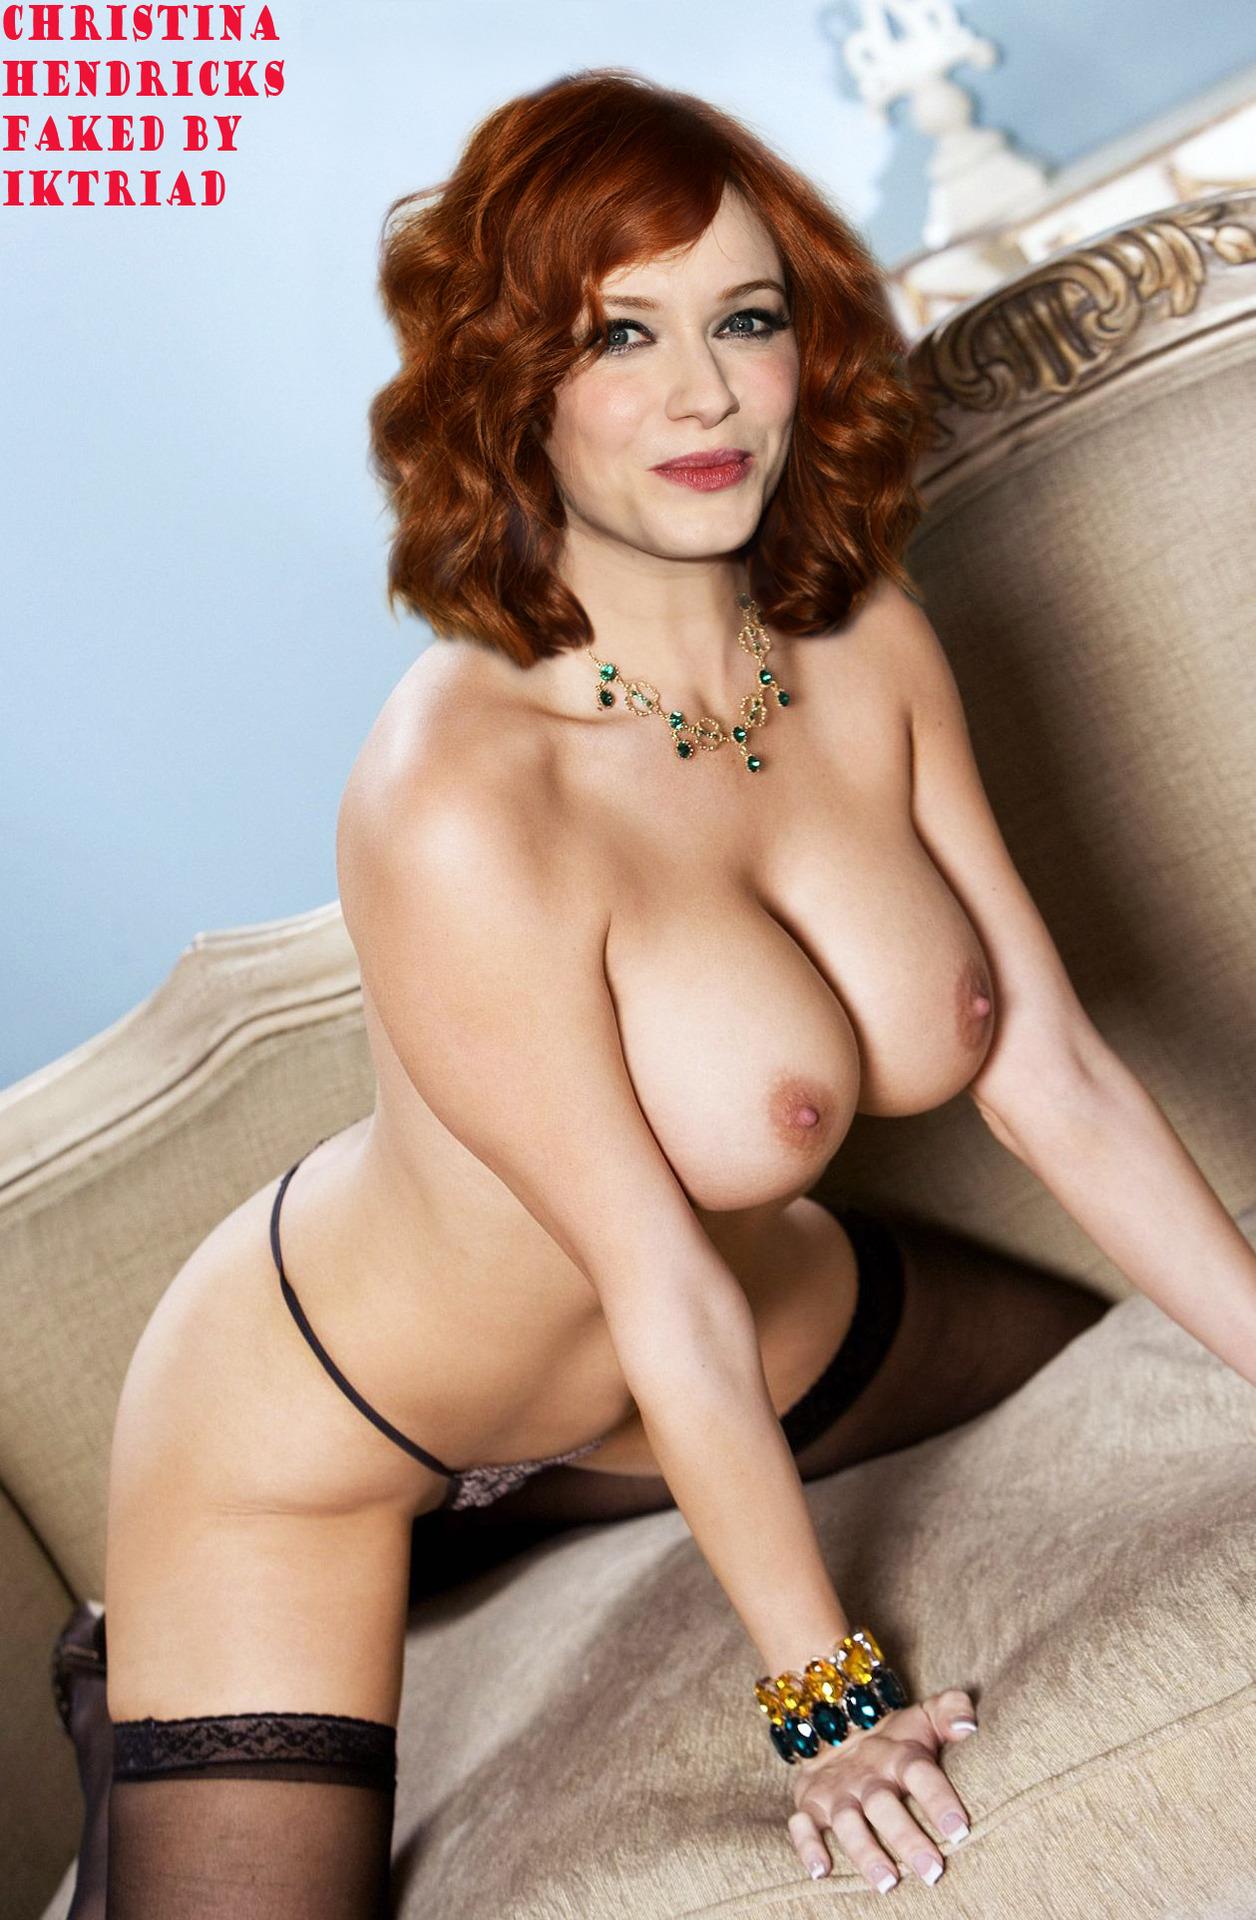 Christina hendricks topless